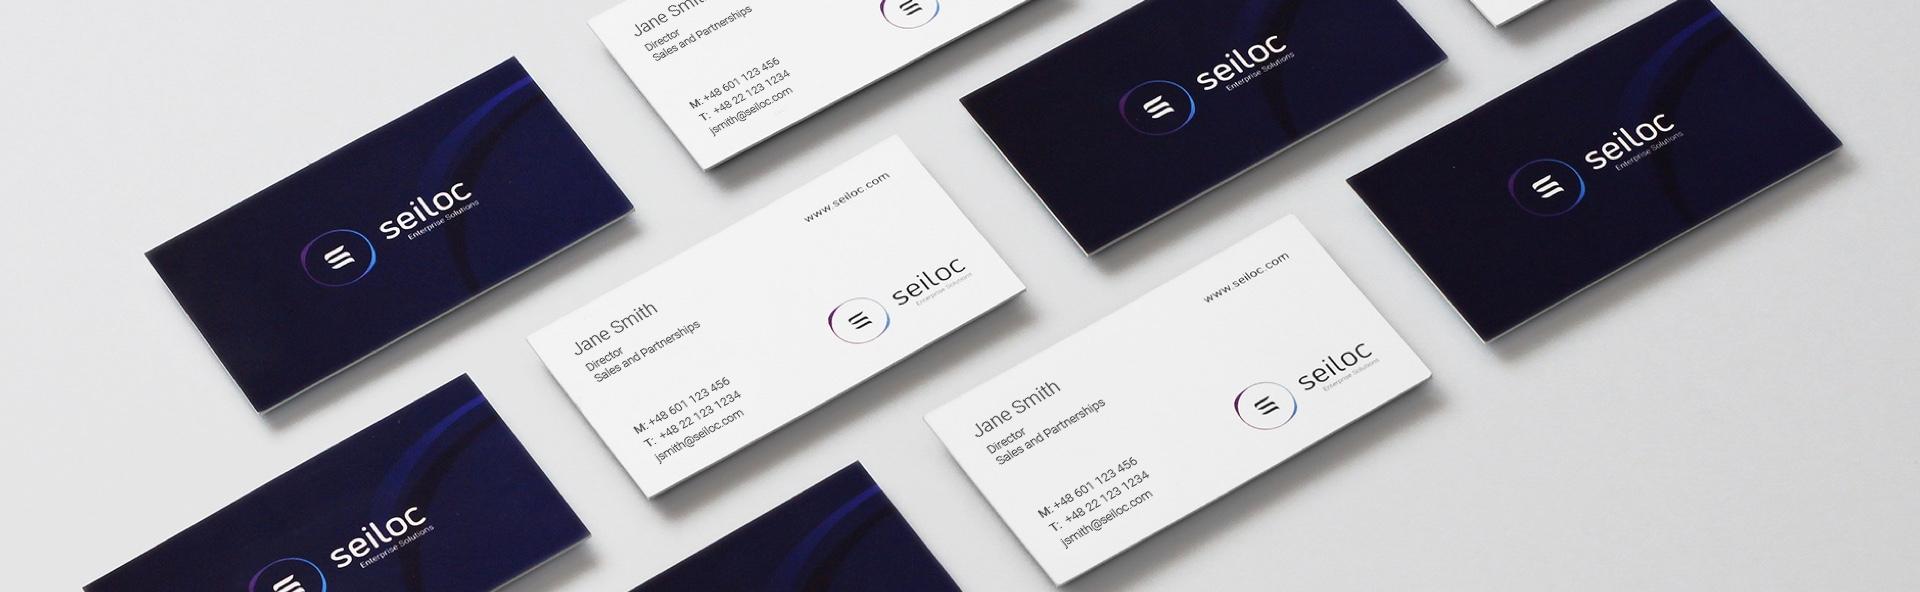 Seiloc - identyfikacja